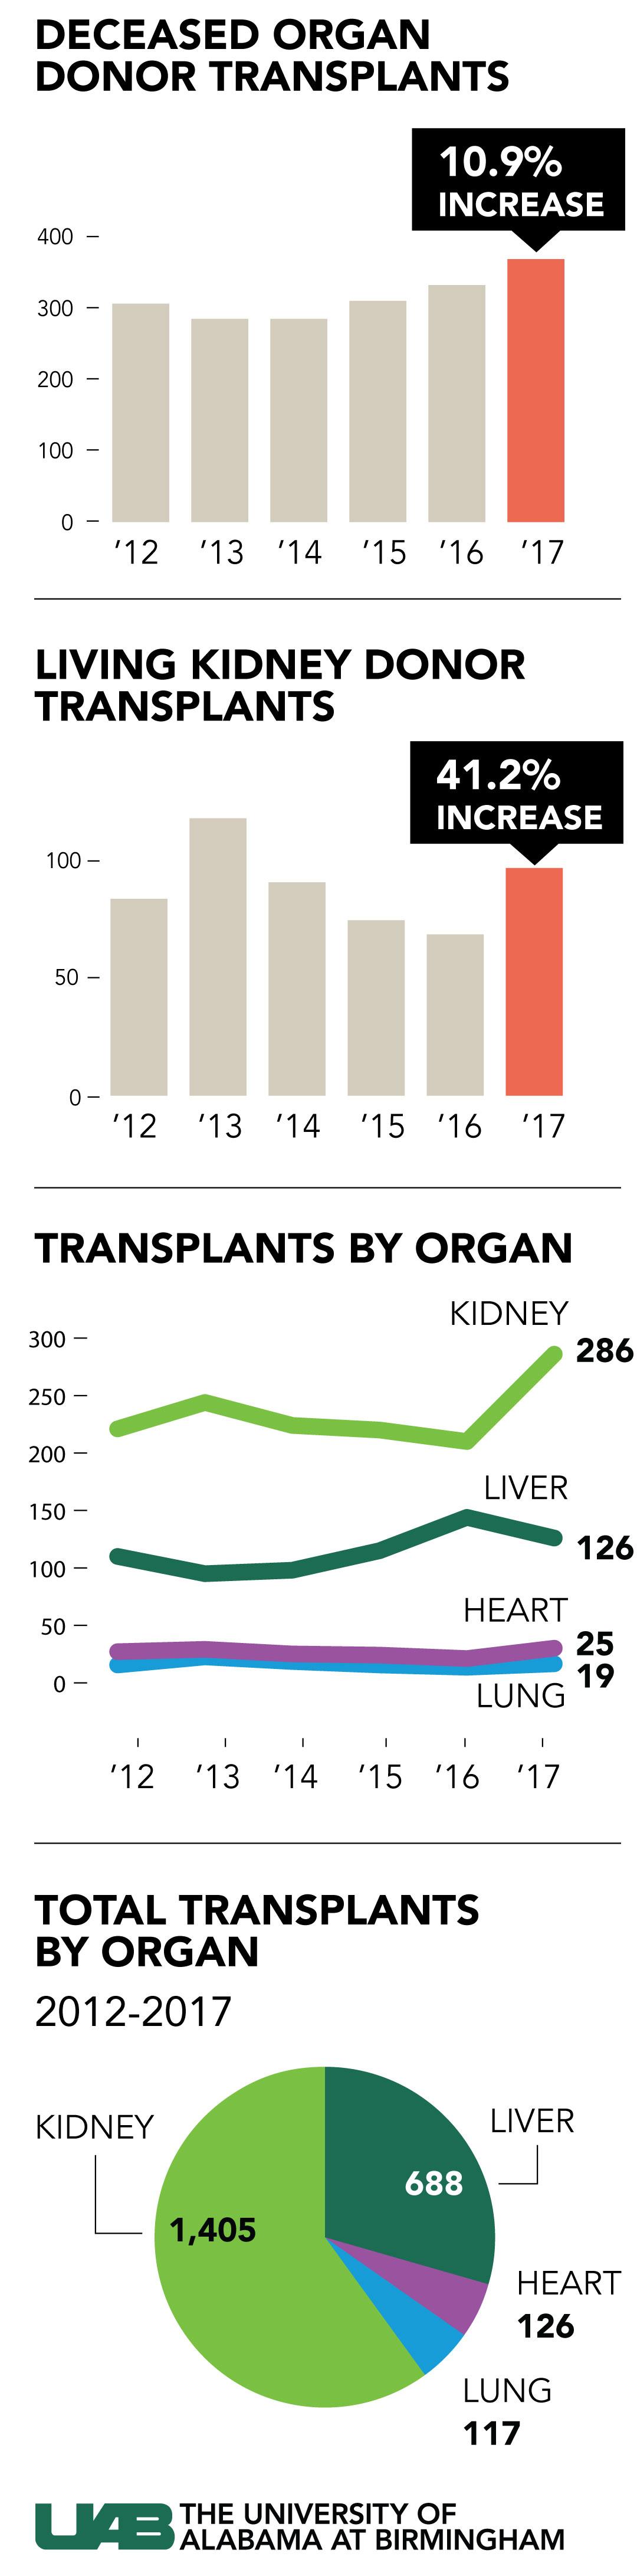 transplants 2012 2017 final